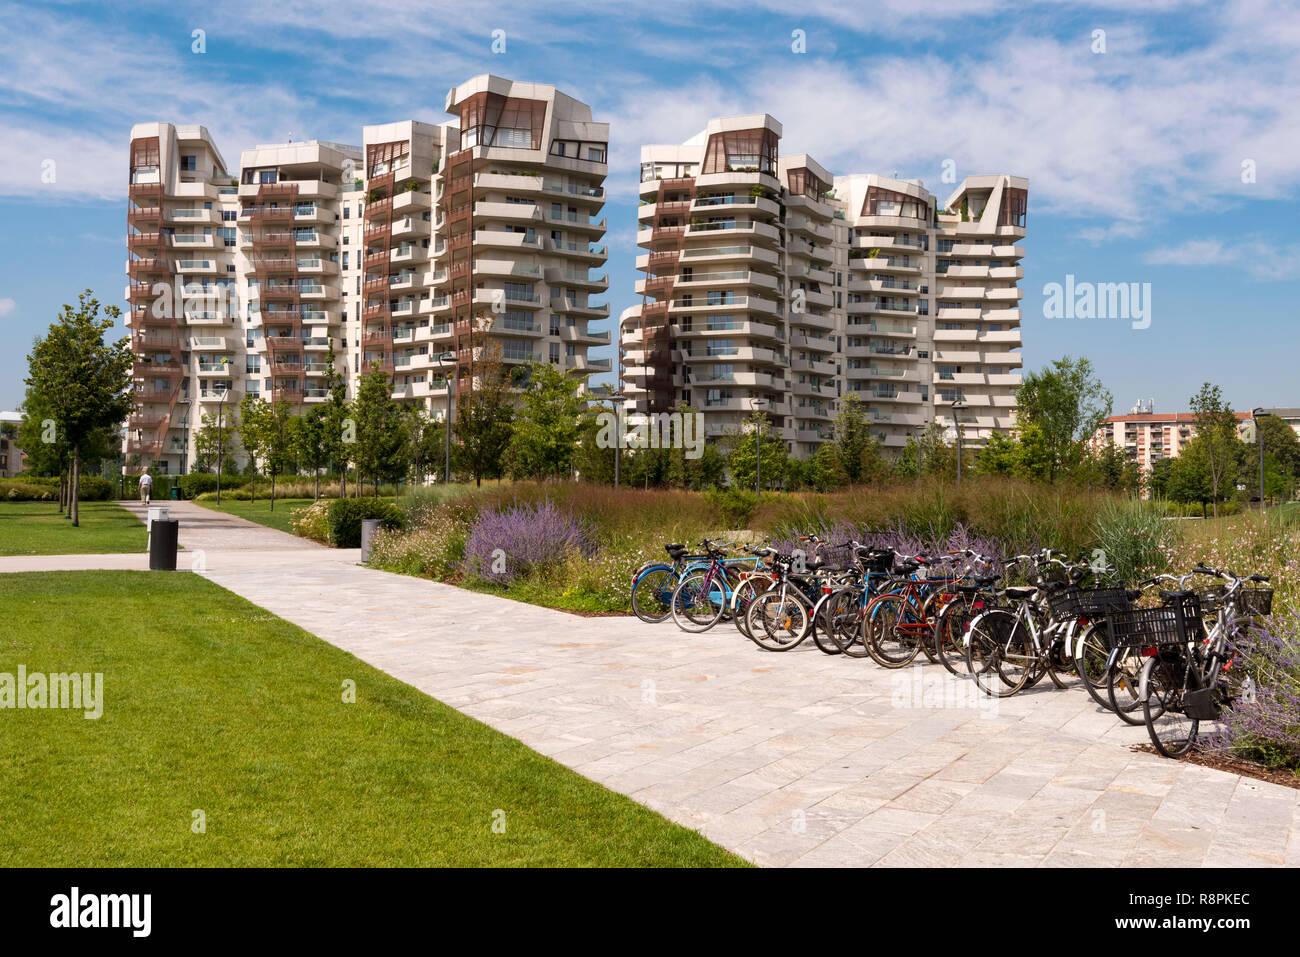 Horizontale Ansicht der Libeskind Residenzen in Mailand, Italien. Stockfoto